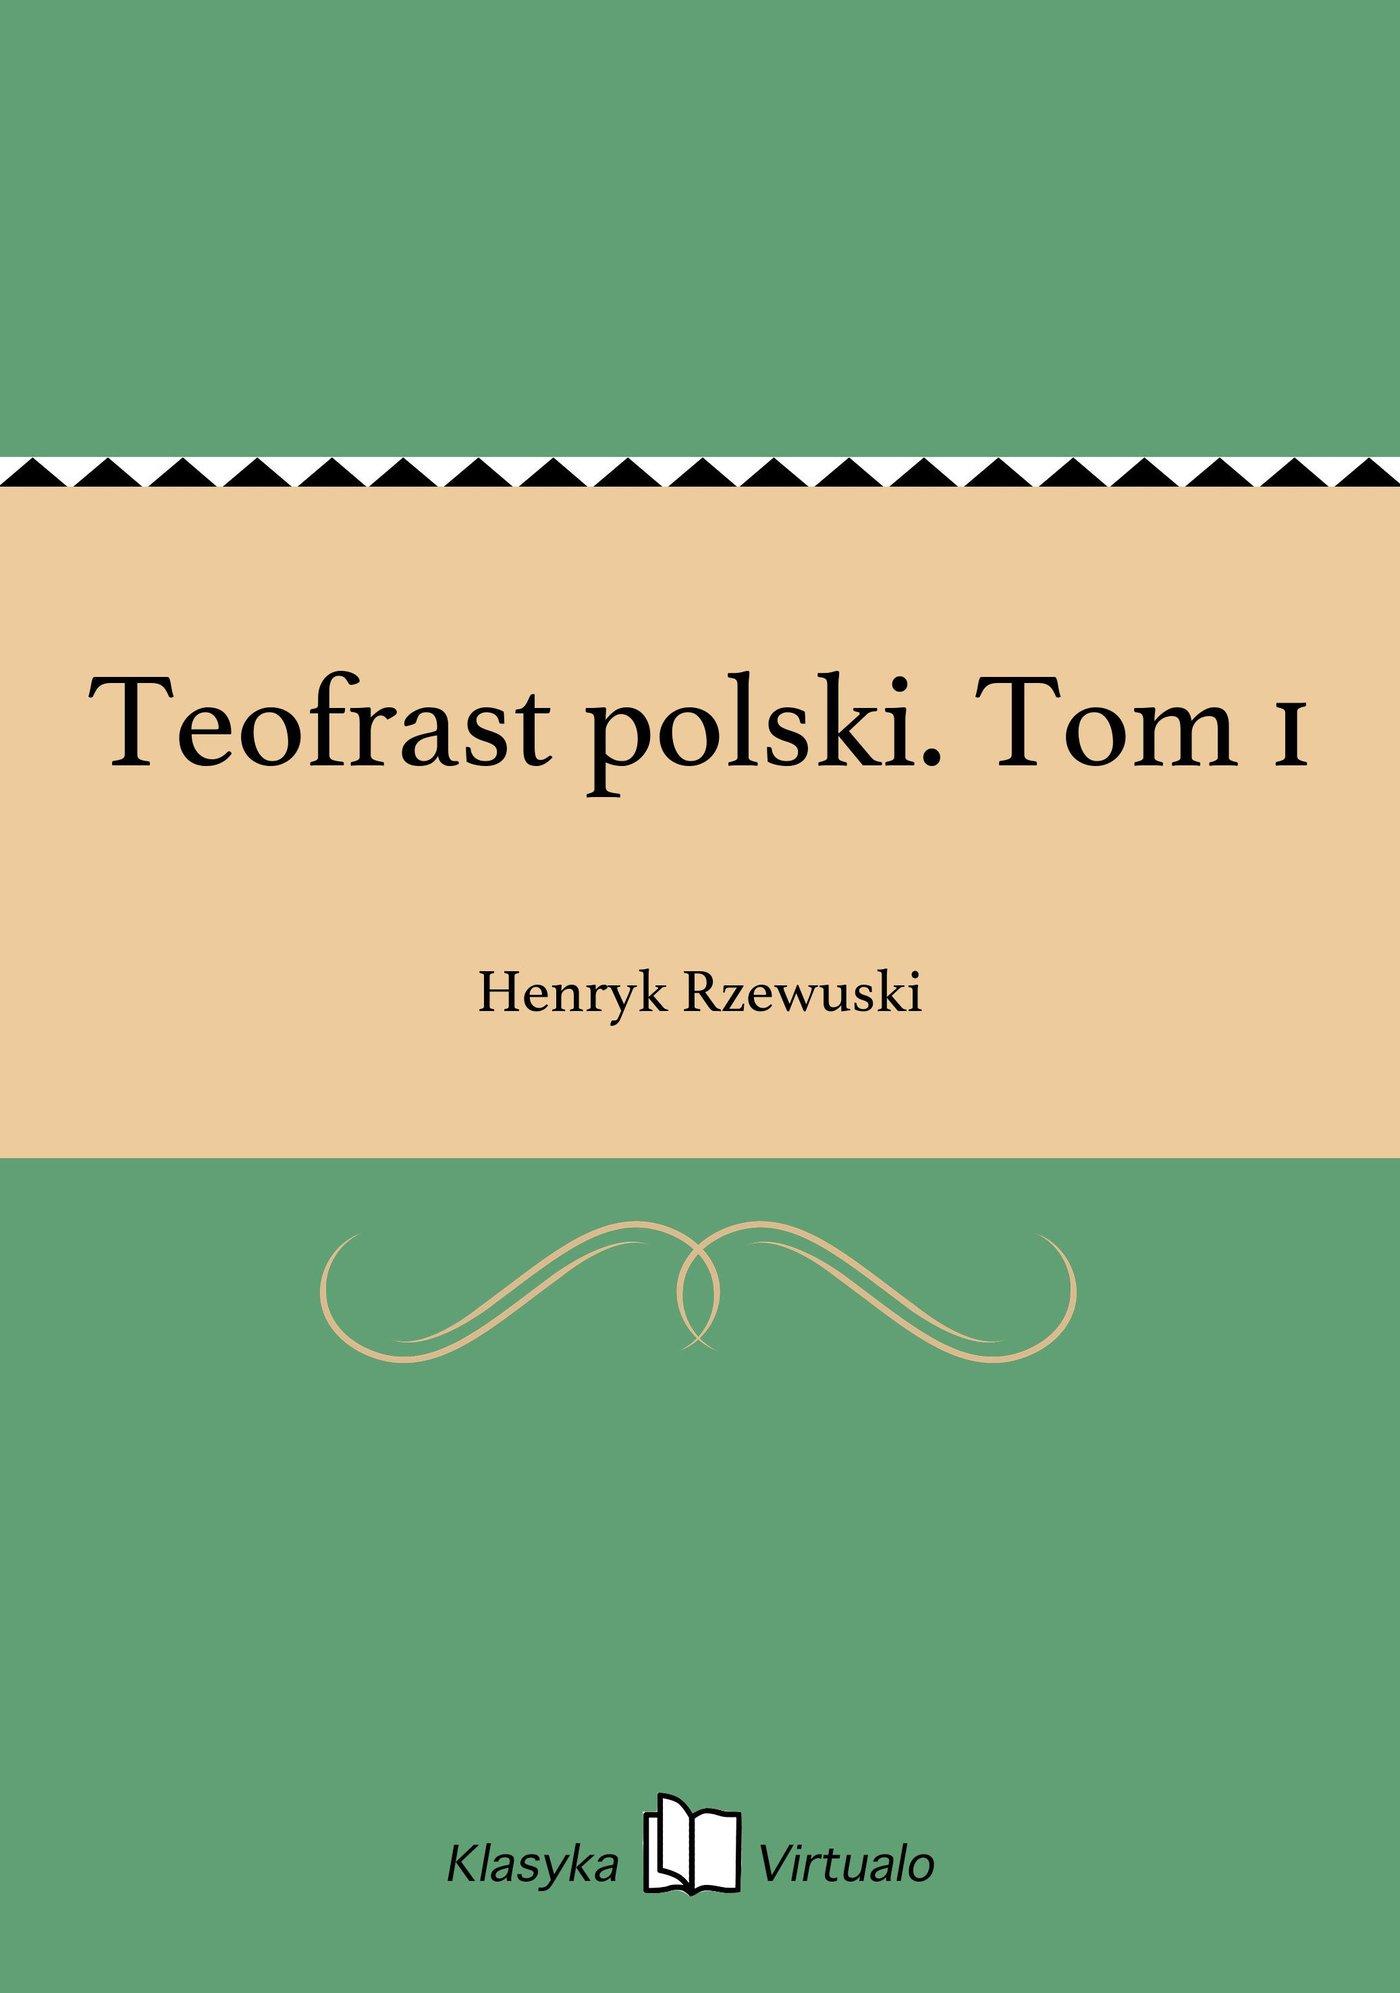 Teofrast polski. Tom 1 - Ebook (Książka EPUB) do pobrania w formacie EPUB